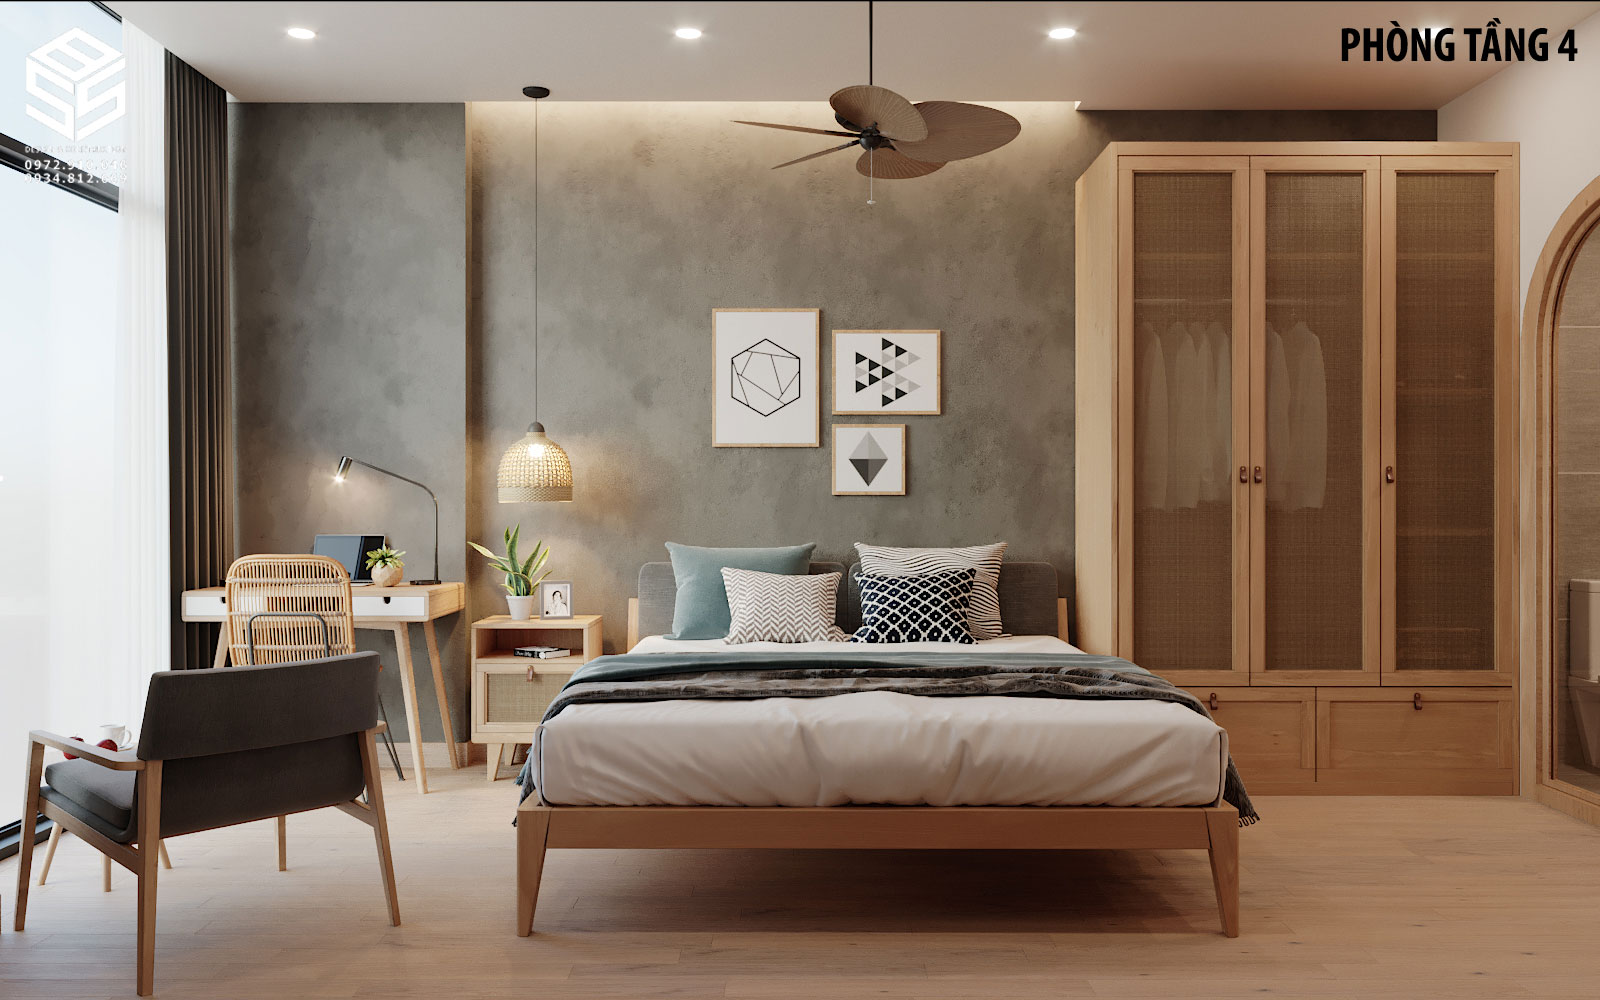 mẫu thiết kế homestay đẹp